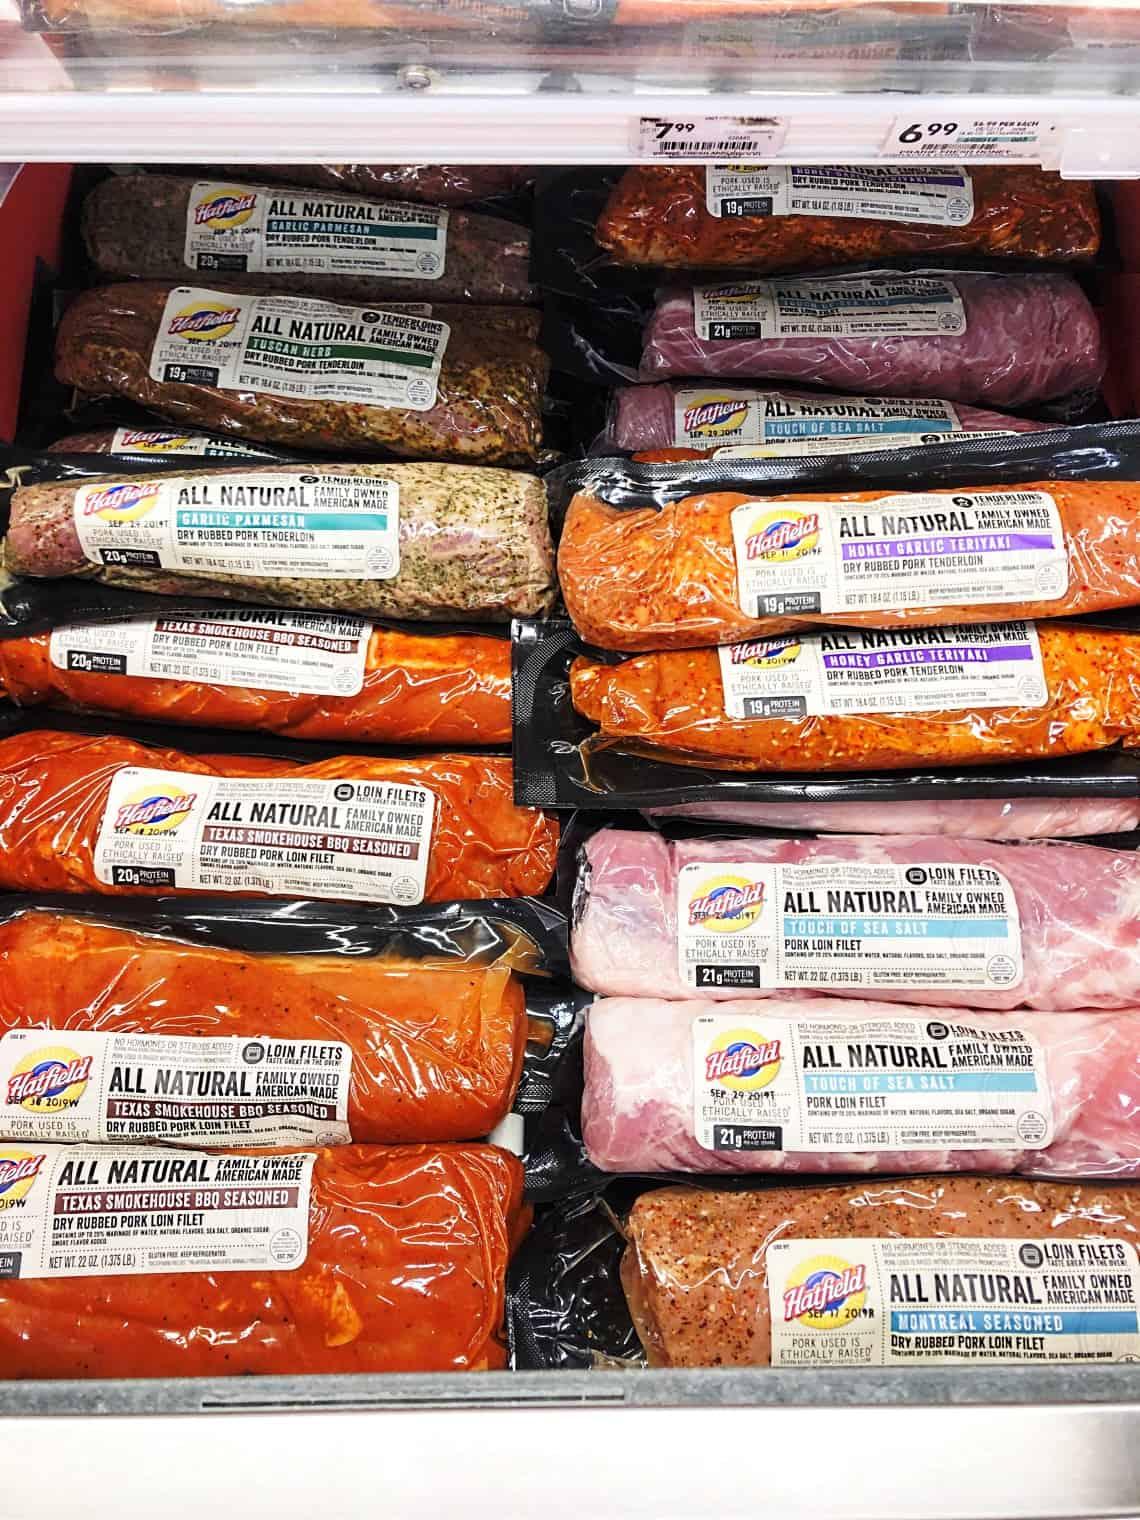 Hatfield pork tenderloins and loin filets in the store